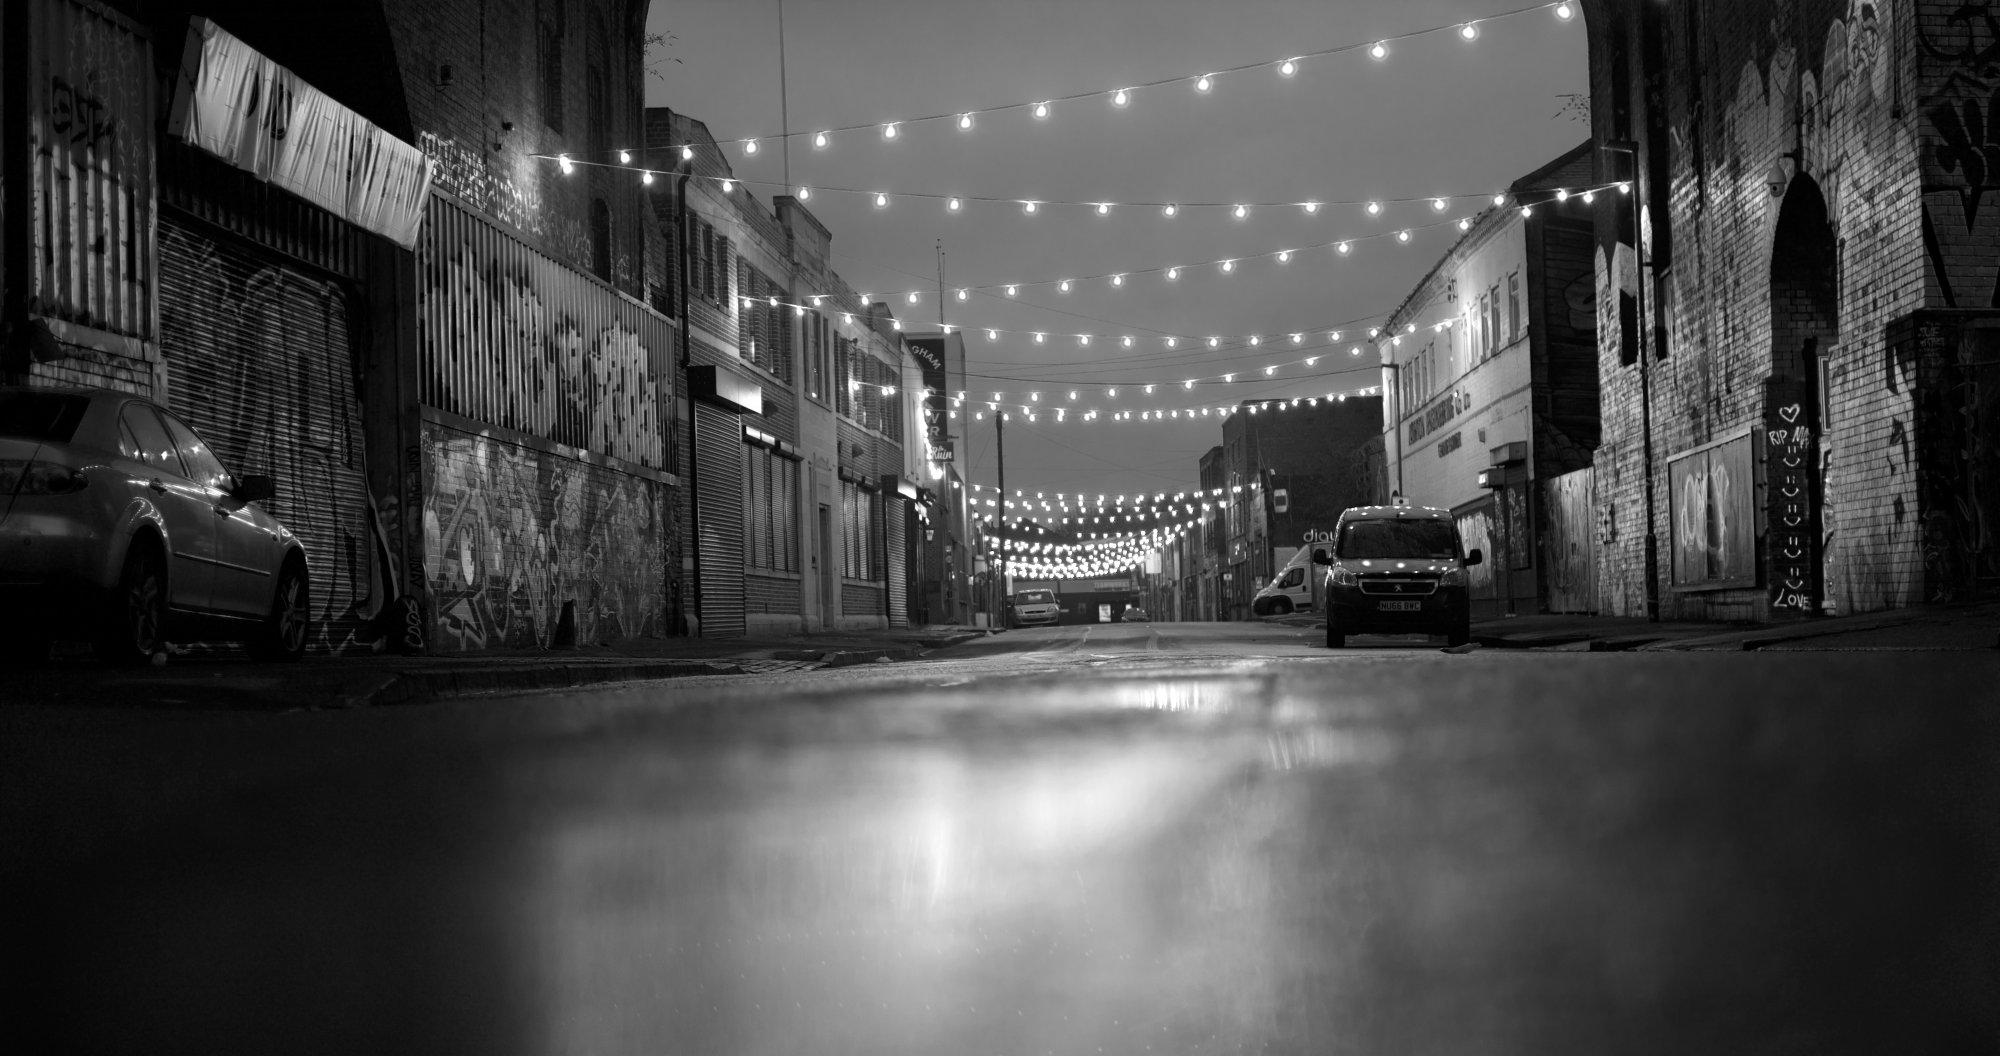 Floodgate Street Digbeth Birmingham